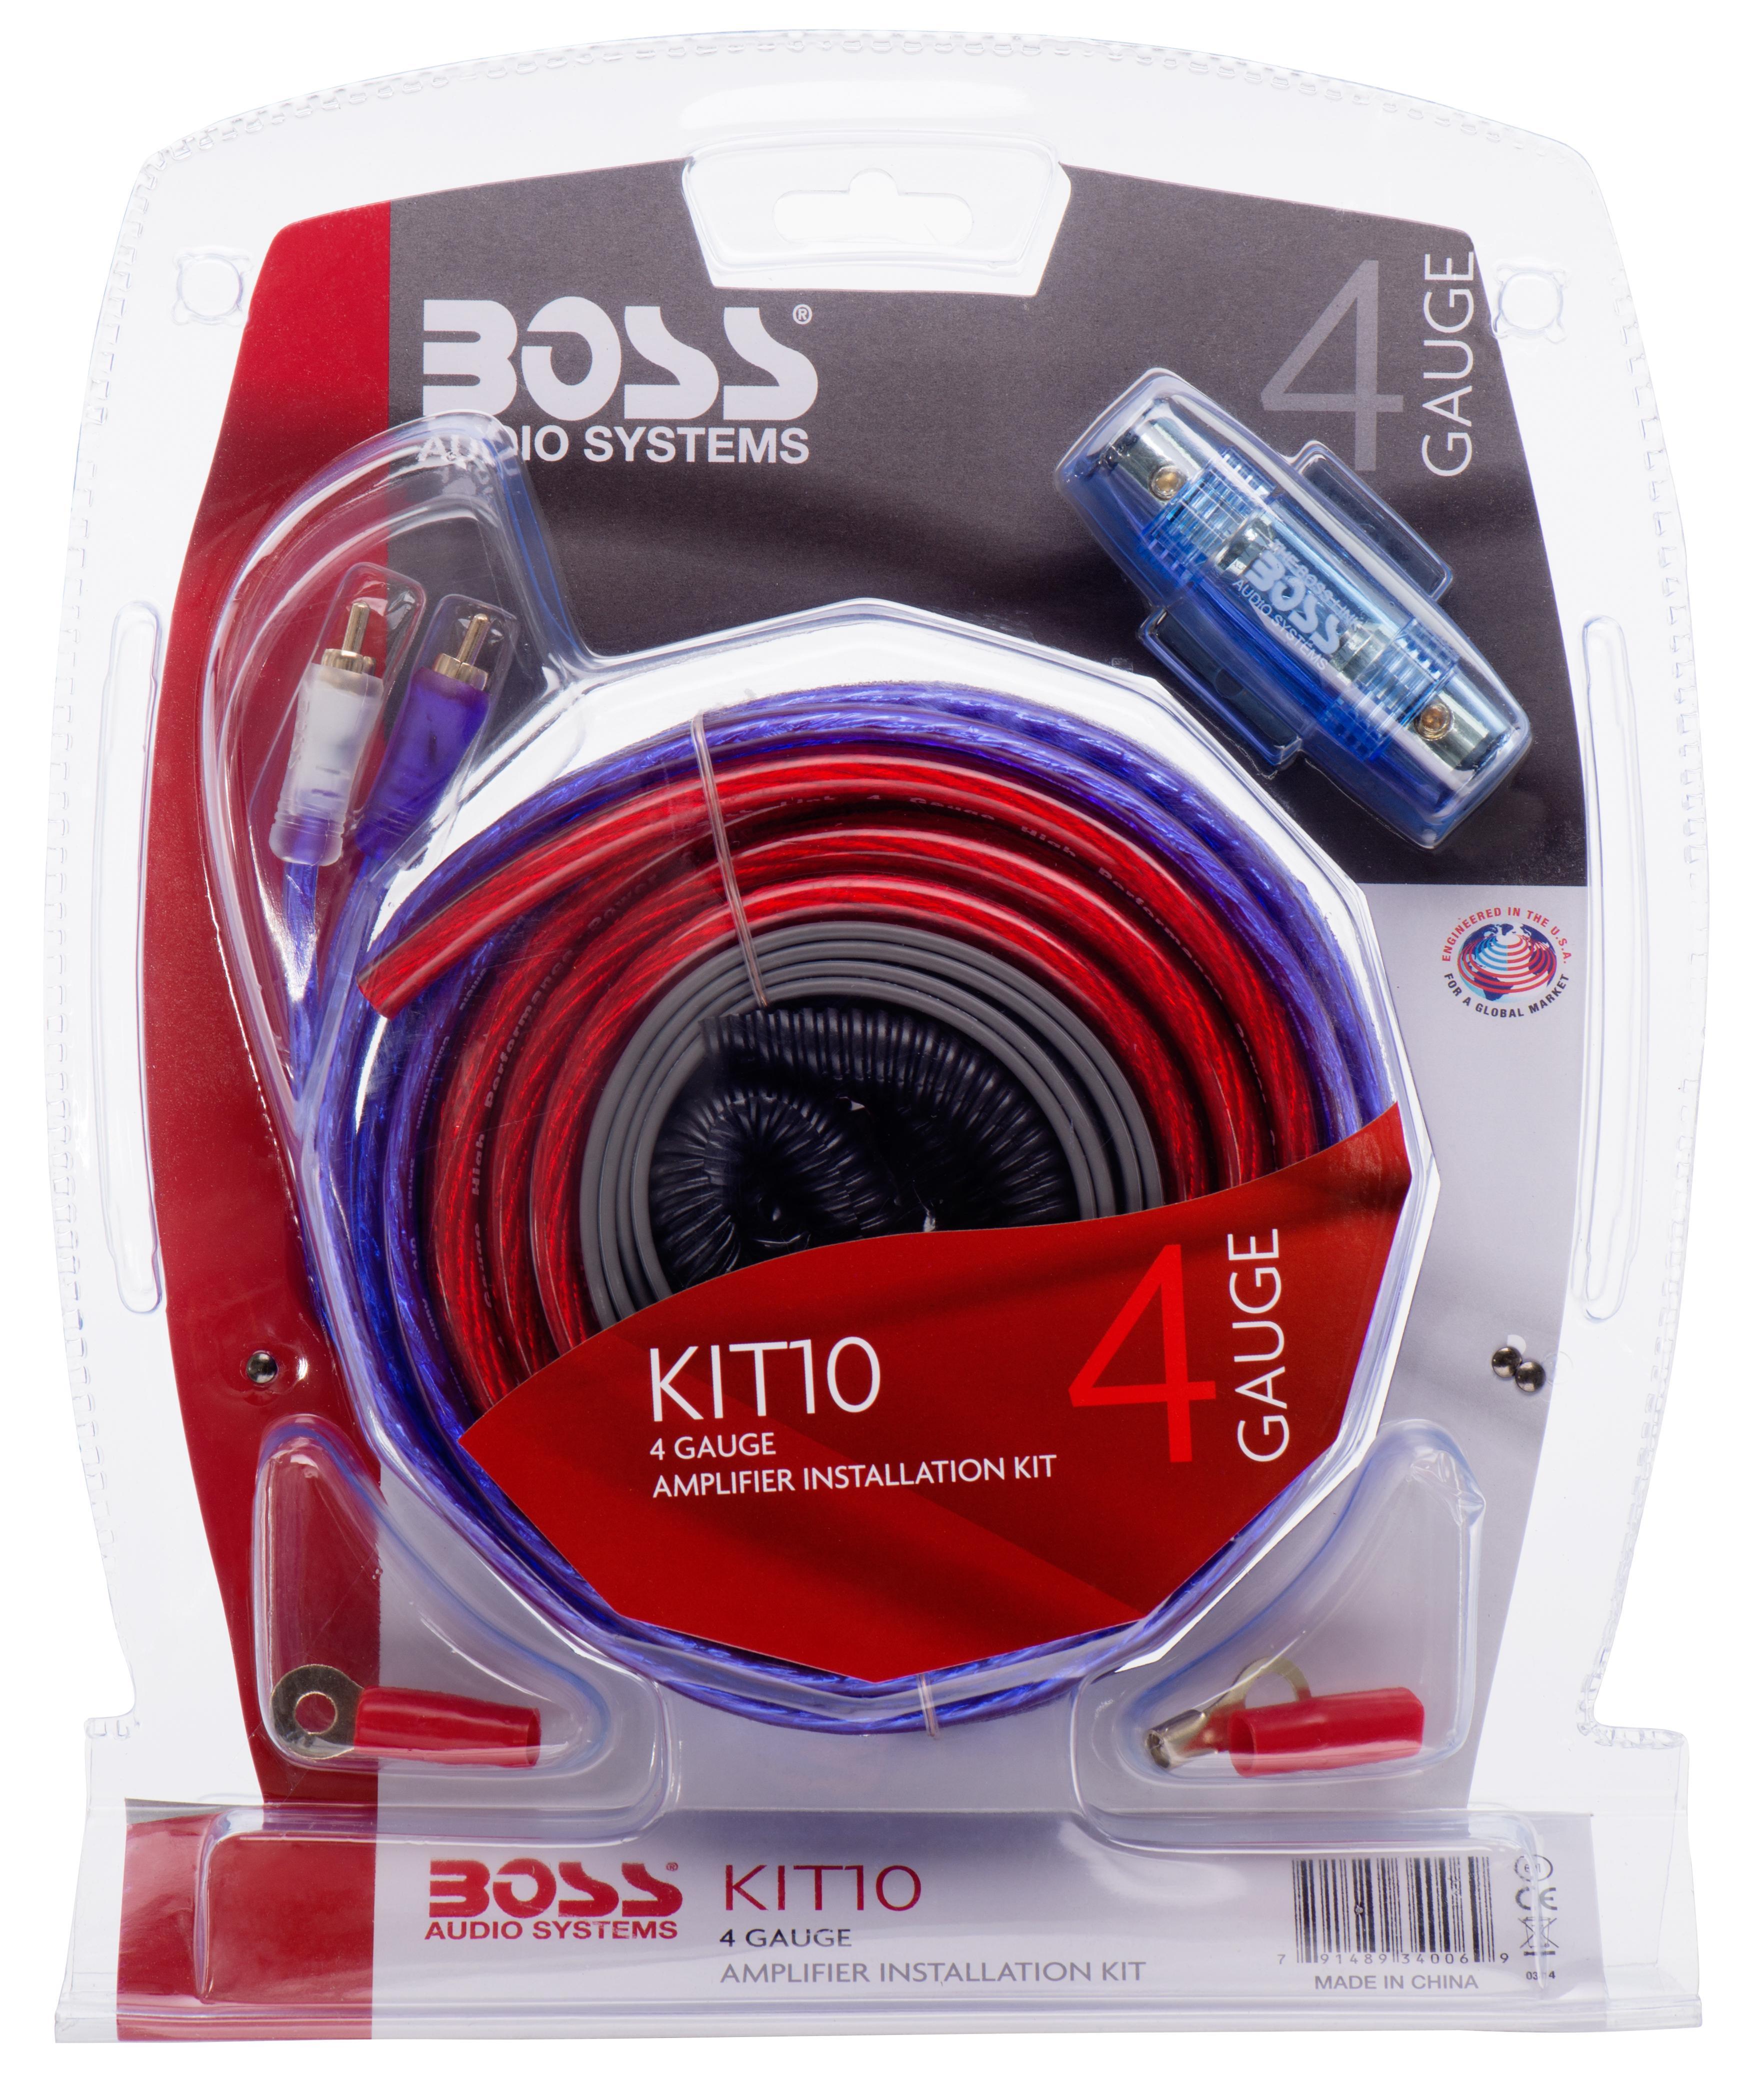 Amplifier Kits Kit10 Boss Car Audio 4 Gauge1100watt 1600w Channel Digital Bridgeable Pro Kit